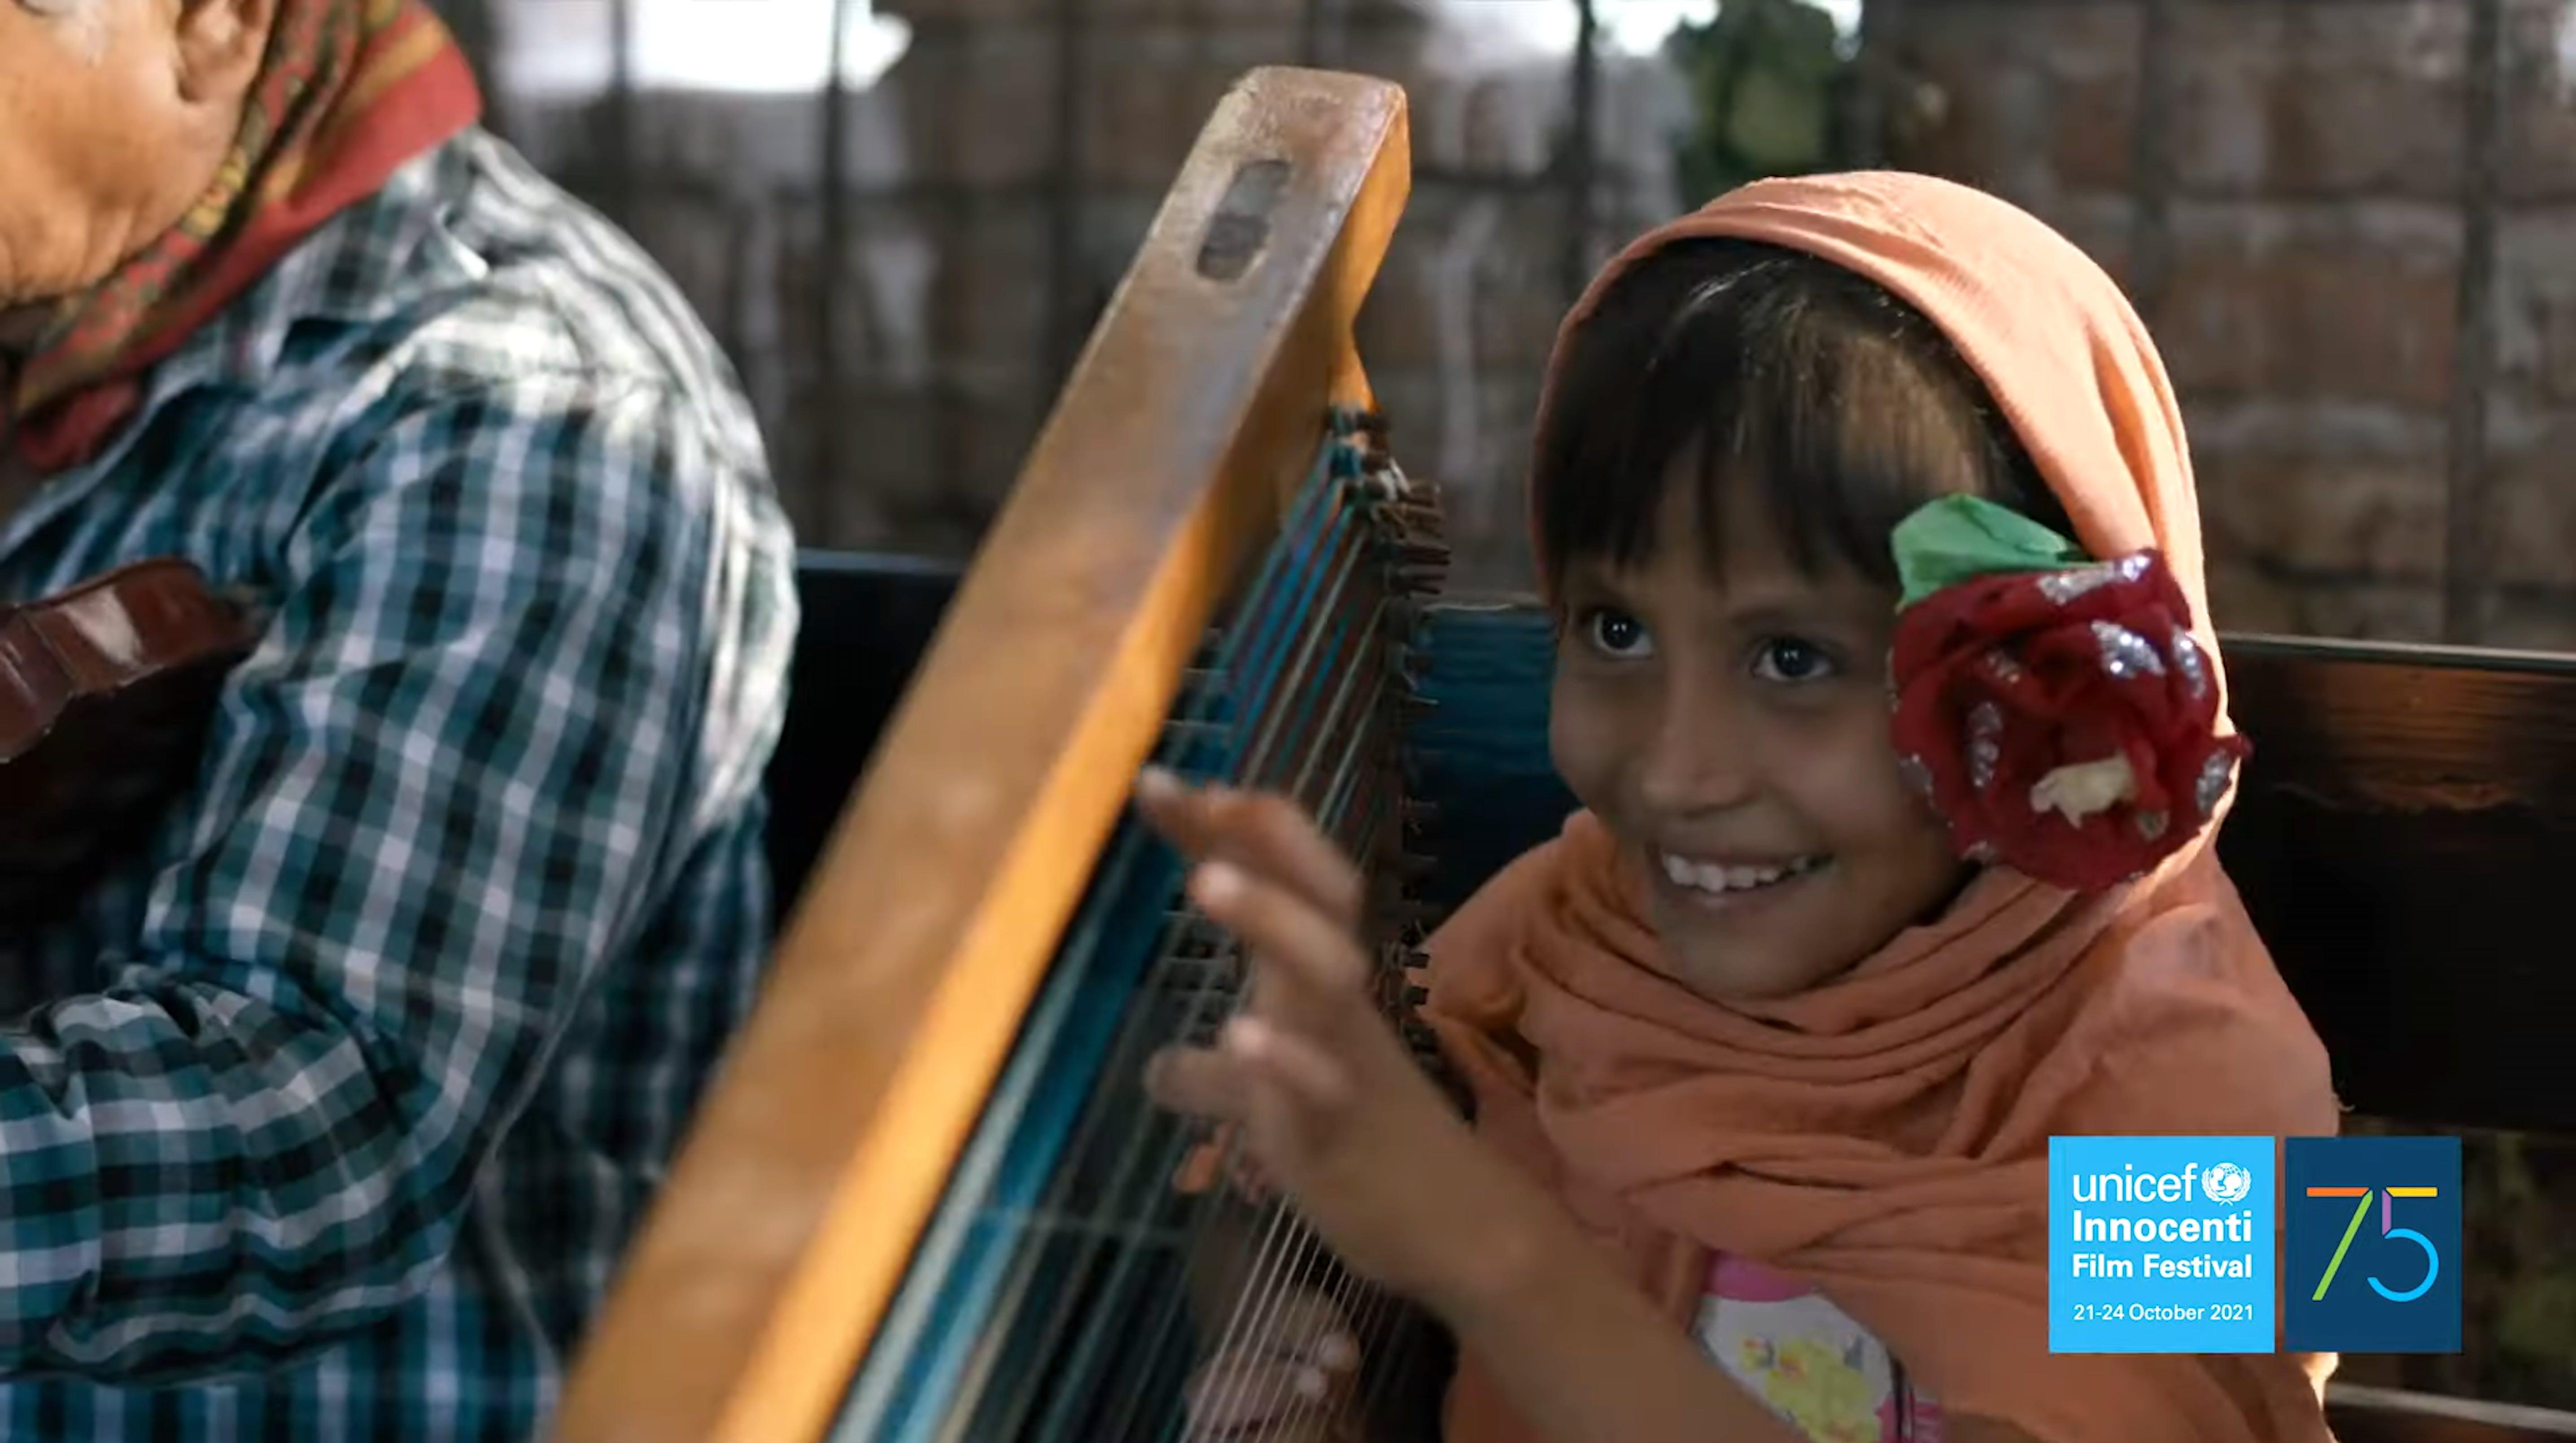 Frame di uno dei film dell'Innocenti Film Festival 2021 - bambina con arpa